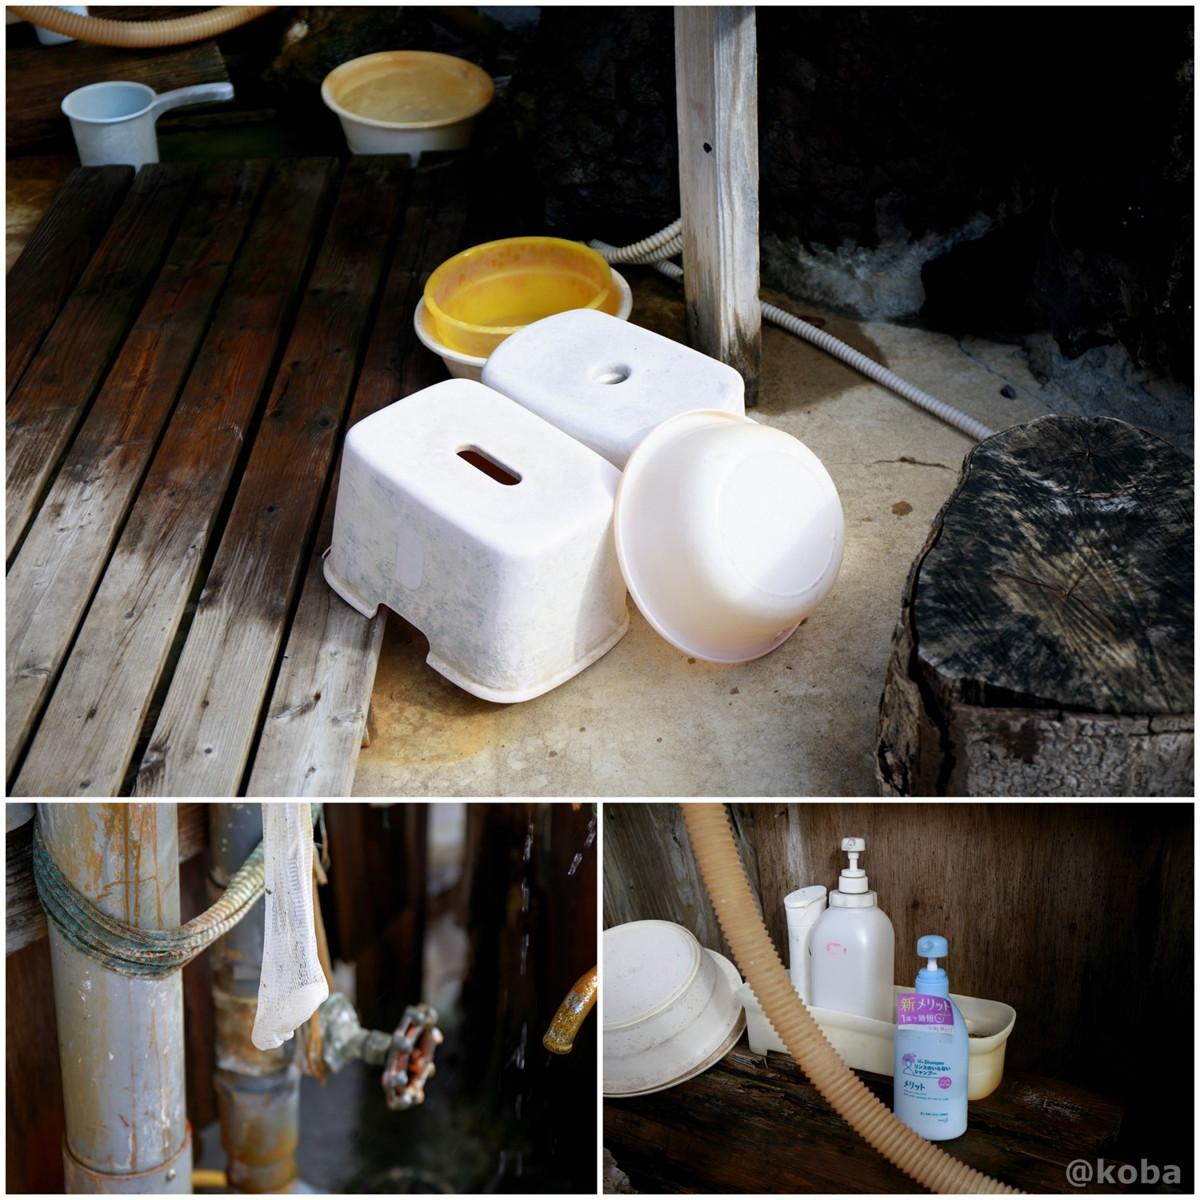 洗い場にある、石鹸・シャンプー・手桶・桶・お風呂椅子の写真│京塚温泉・しゃくなげの湯 日帰り入浴│群馬県 ブログ